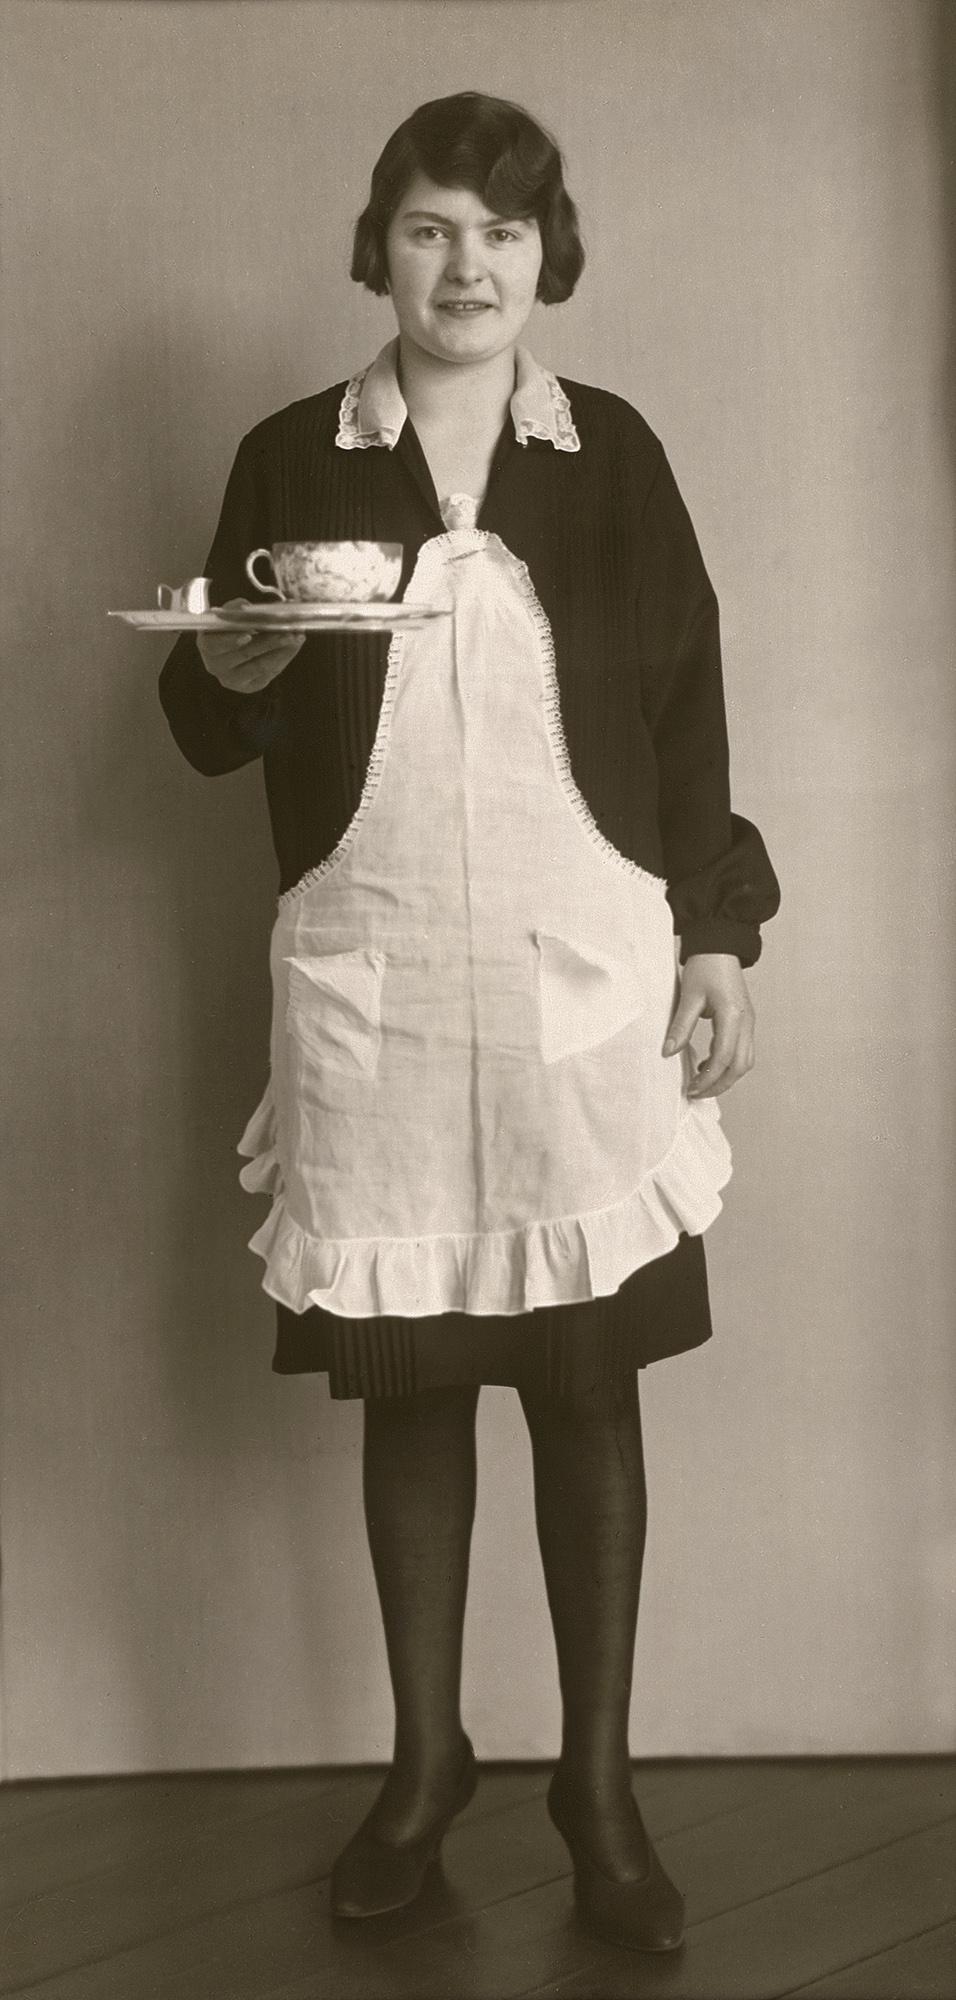 Fotó: August Sander <br />Café Waitress<br />1928/29<br />Gelatin silver print<br />© Die Photographische Sammlung/SK Stiftung Kultur – August Sander Archiv; VG Bild-Kunst, 2018